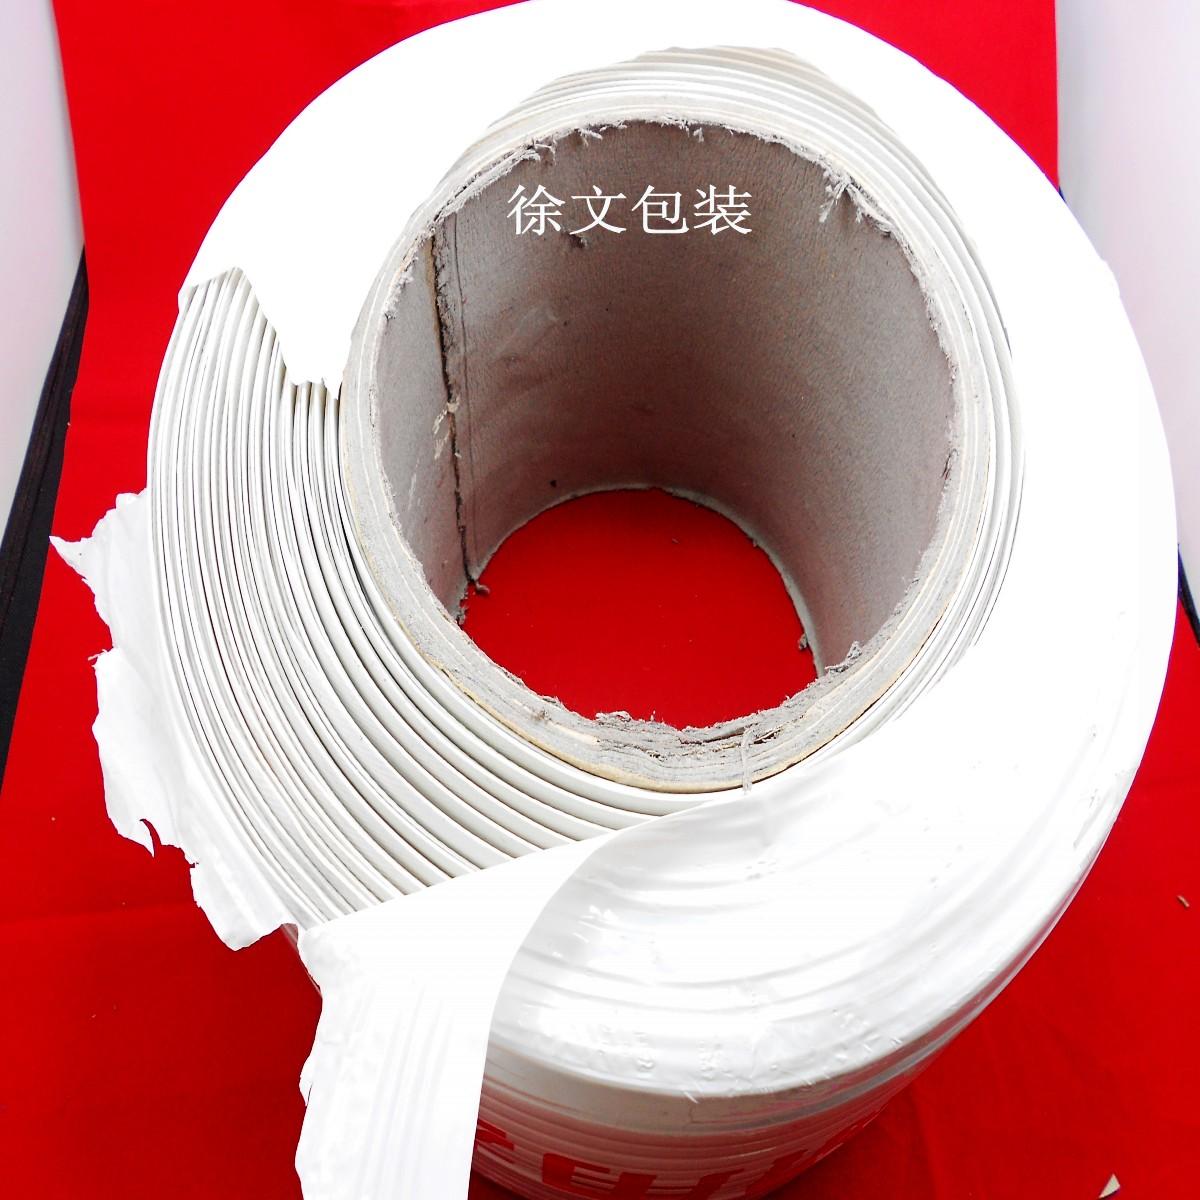 Jiangsu, Zhejiang e Anhui só envia um pacote com embalagem cinto Branco mailplane / 80 10 kg capacidade logística de pé